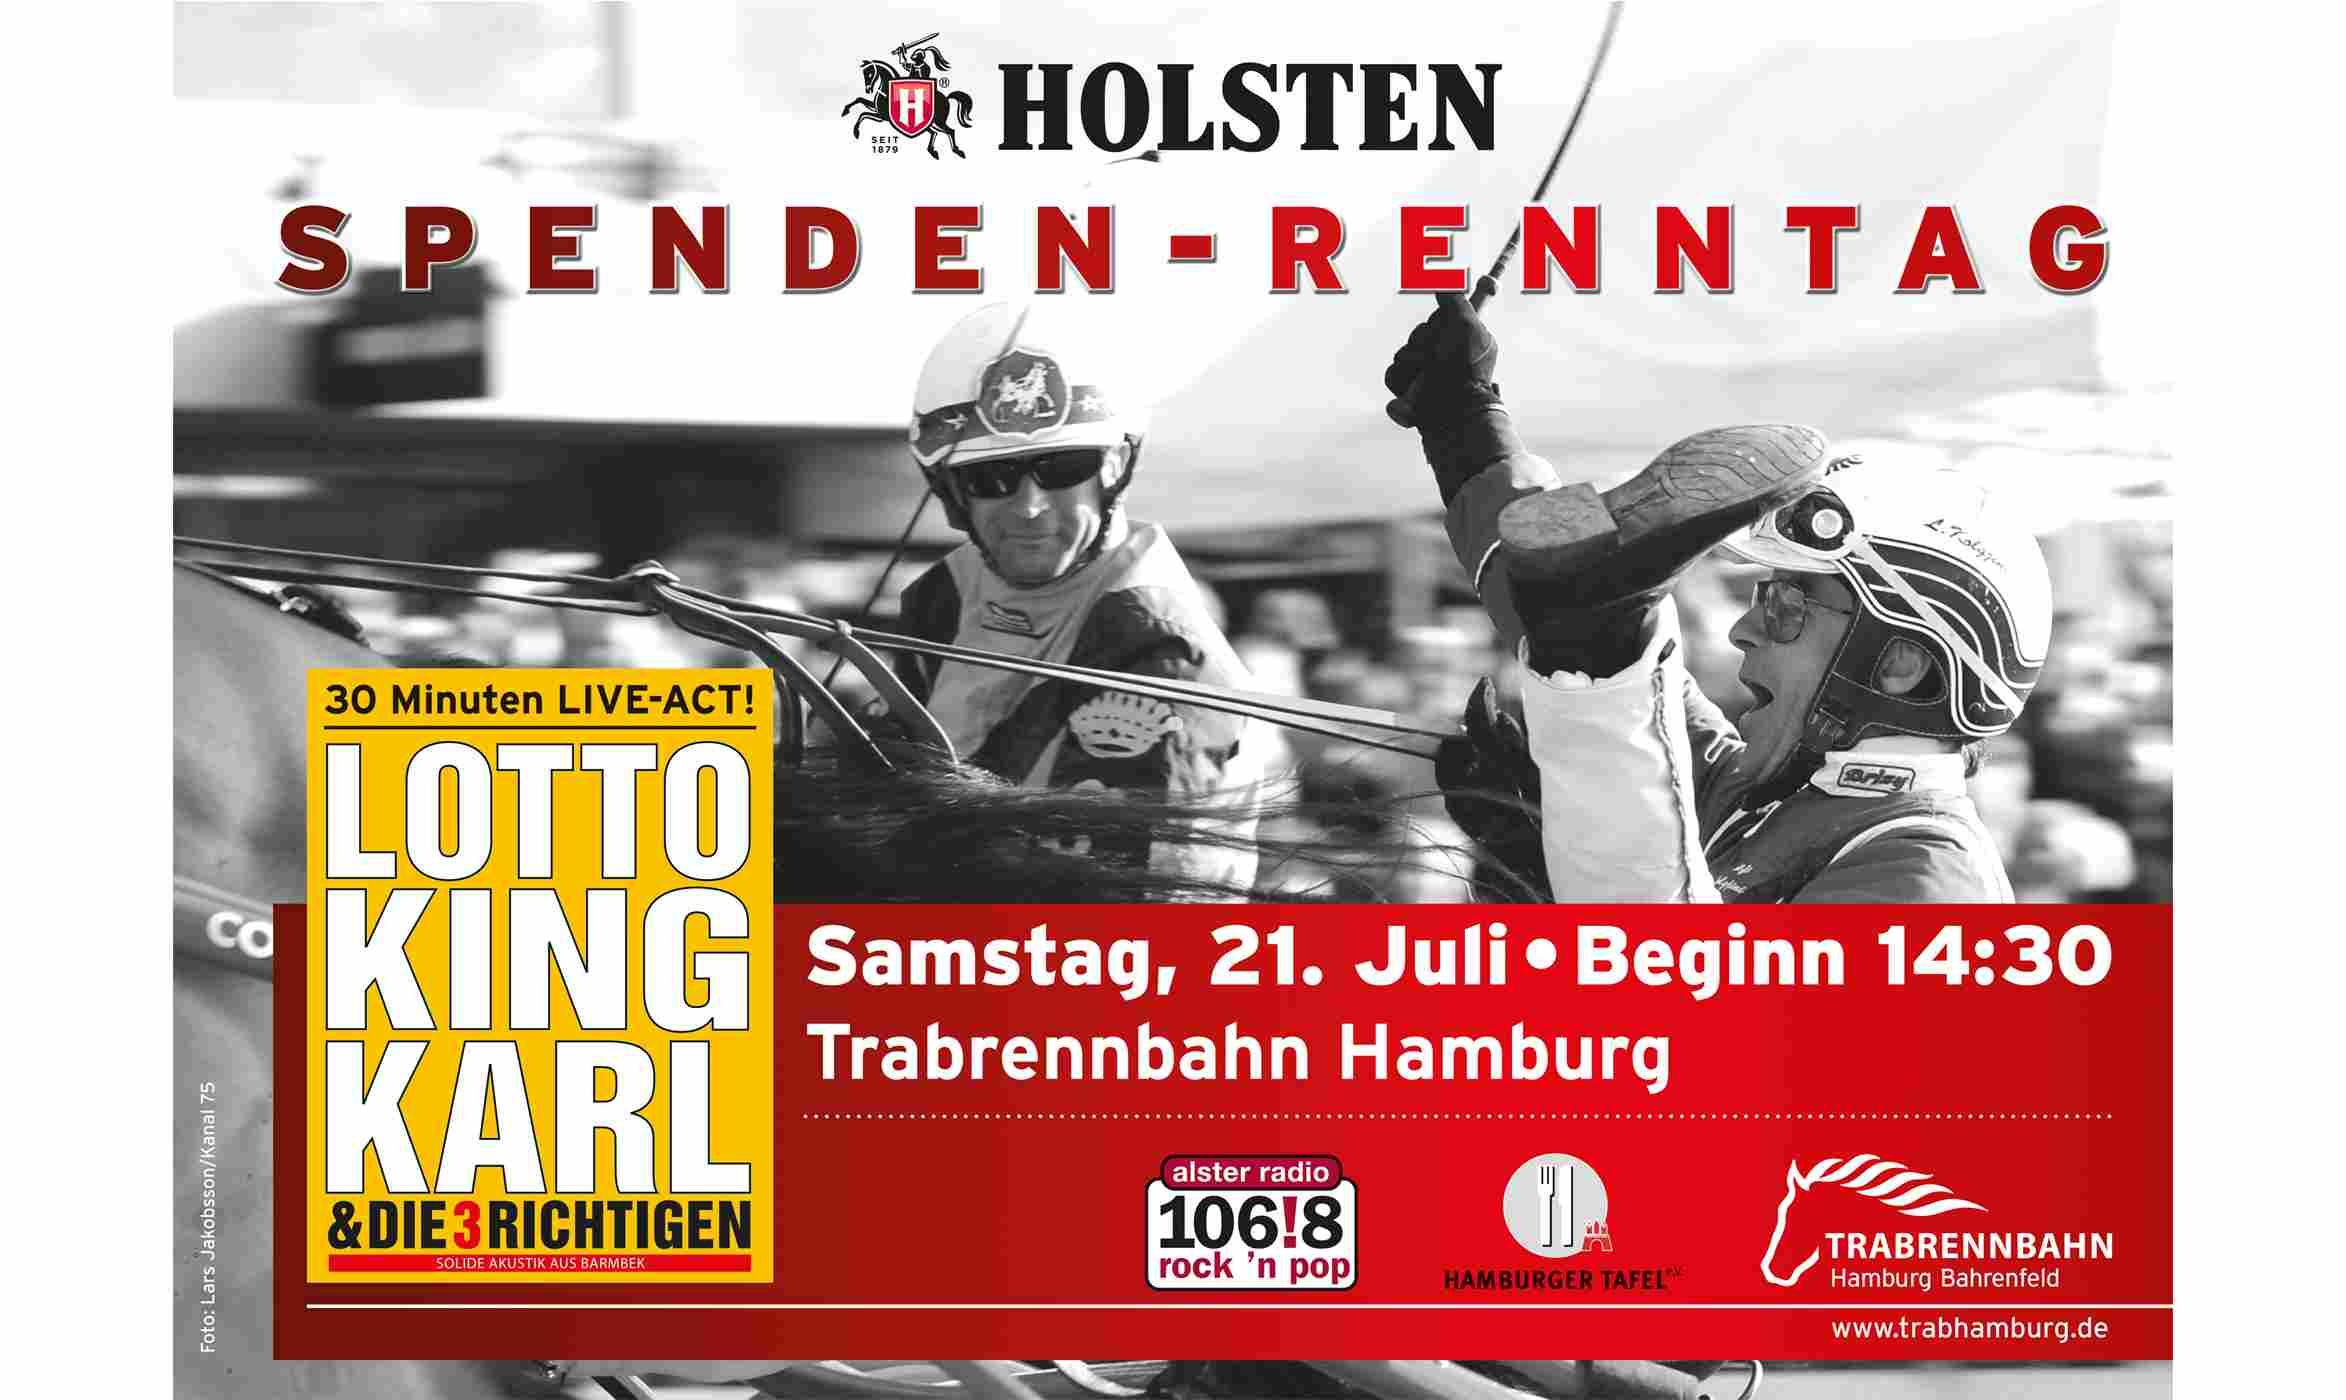 Holsten Spendenrenntag auf der Trabrennbahn Hamburg Bahrenfeld